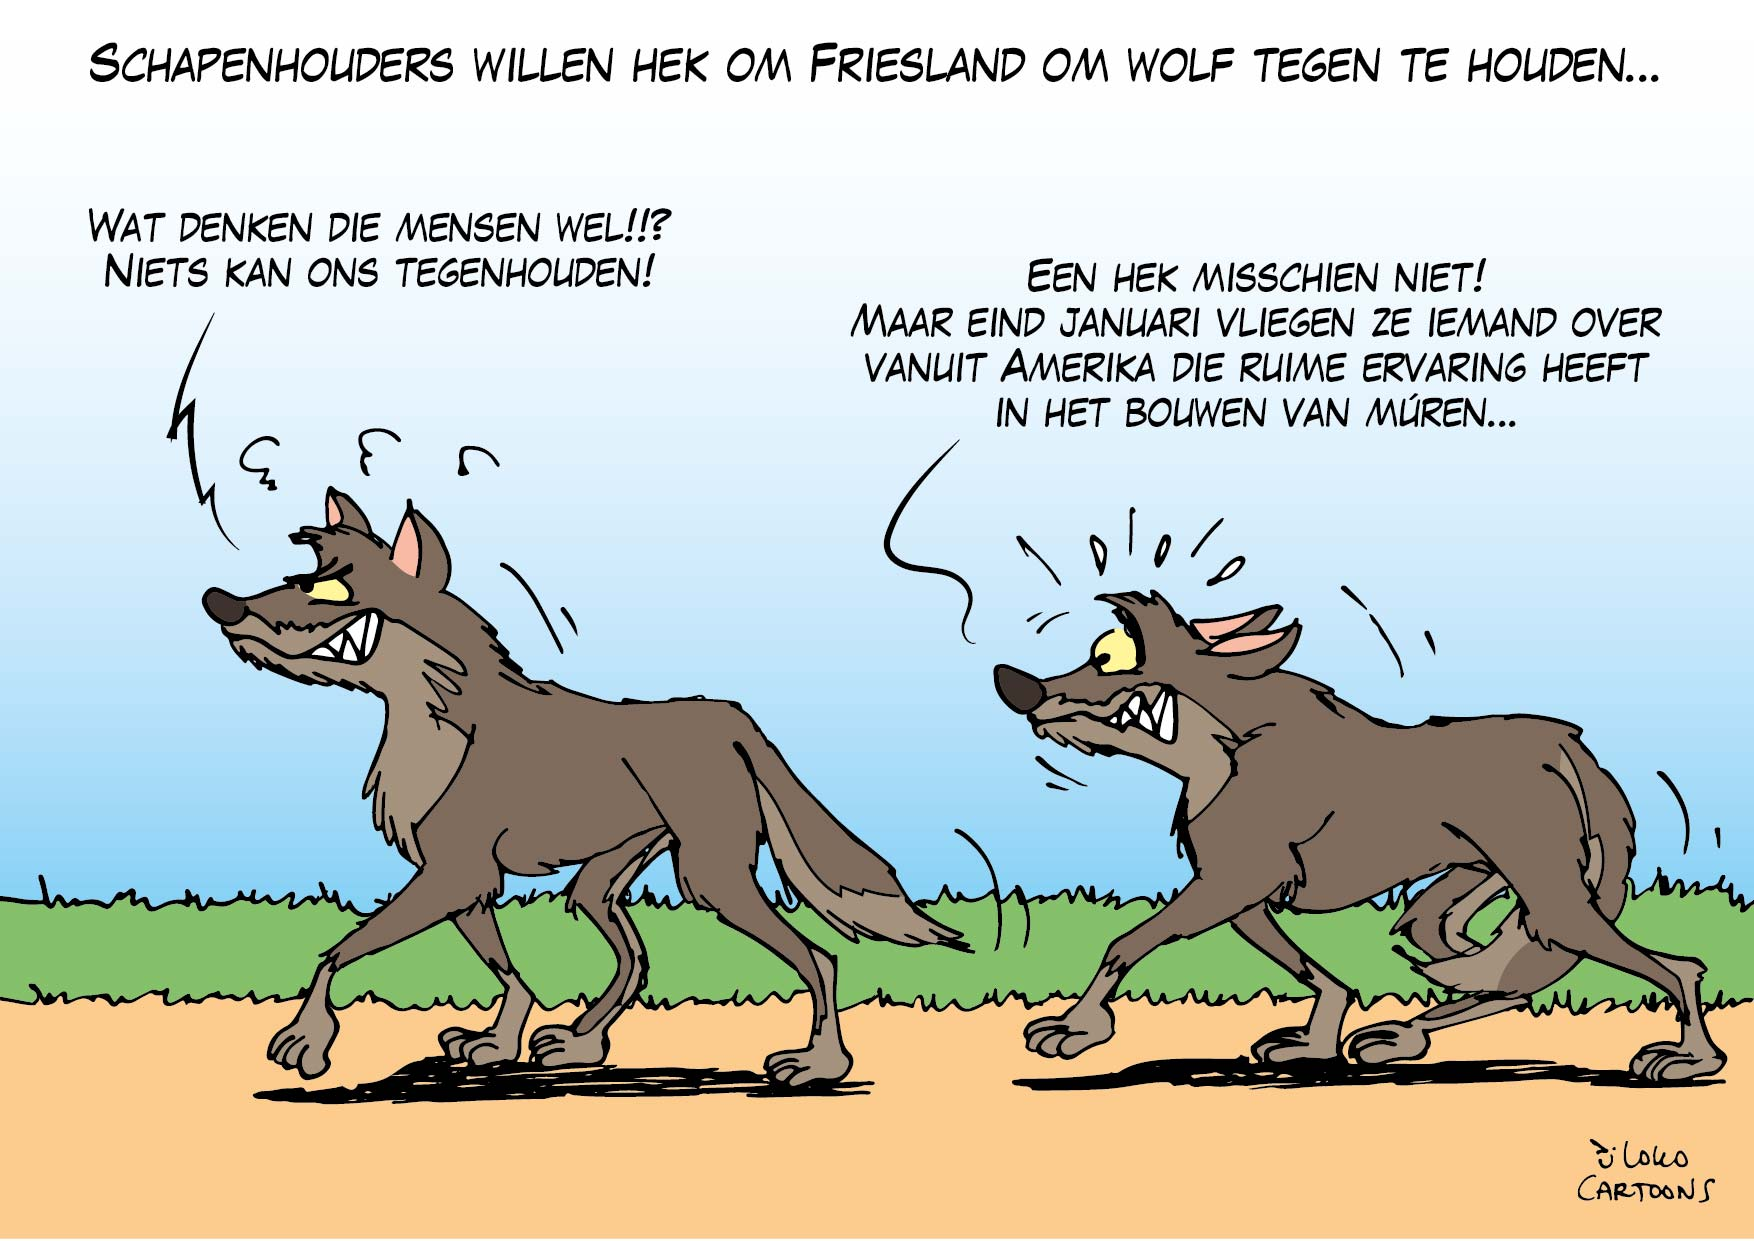 Schapenhouders willen hek om Friesland om wolf tegen te houden…